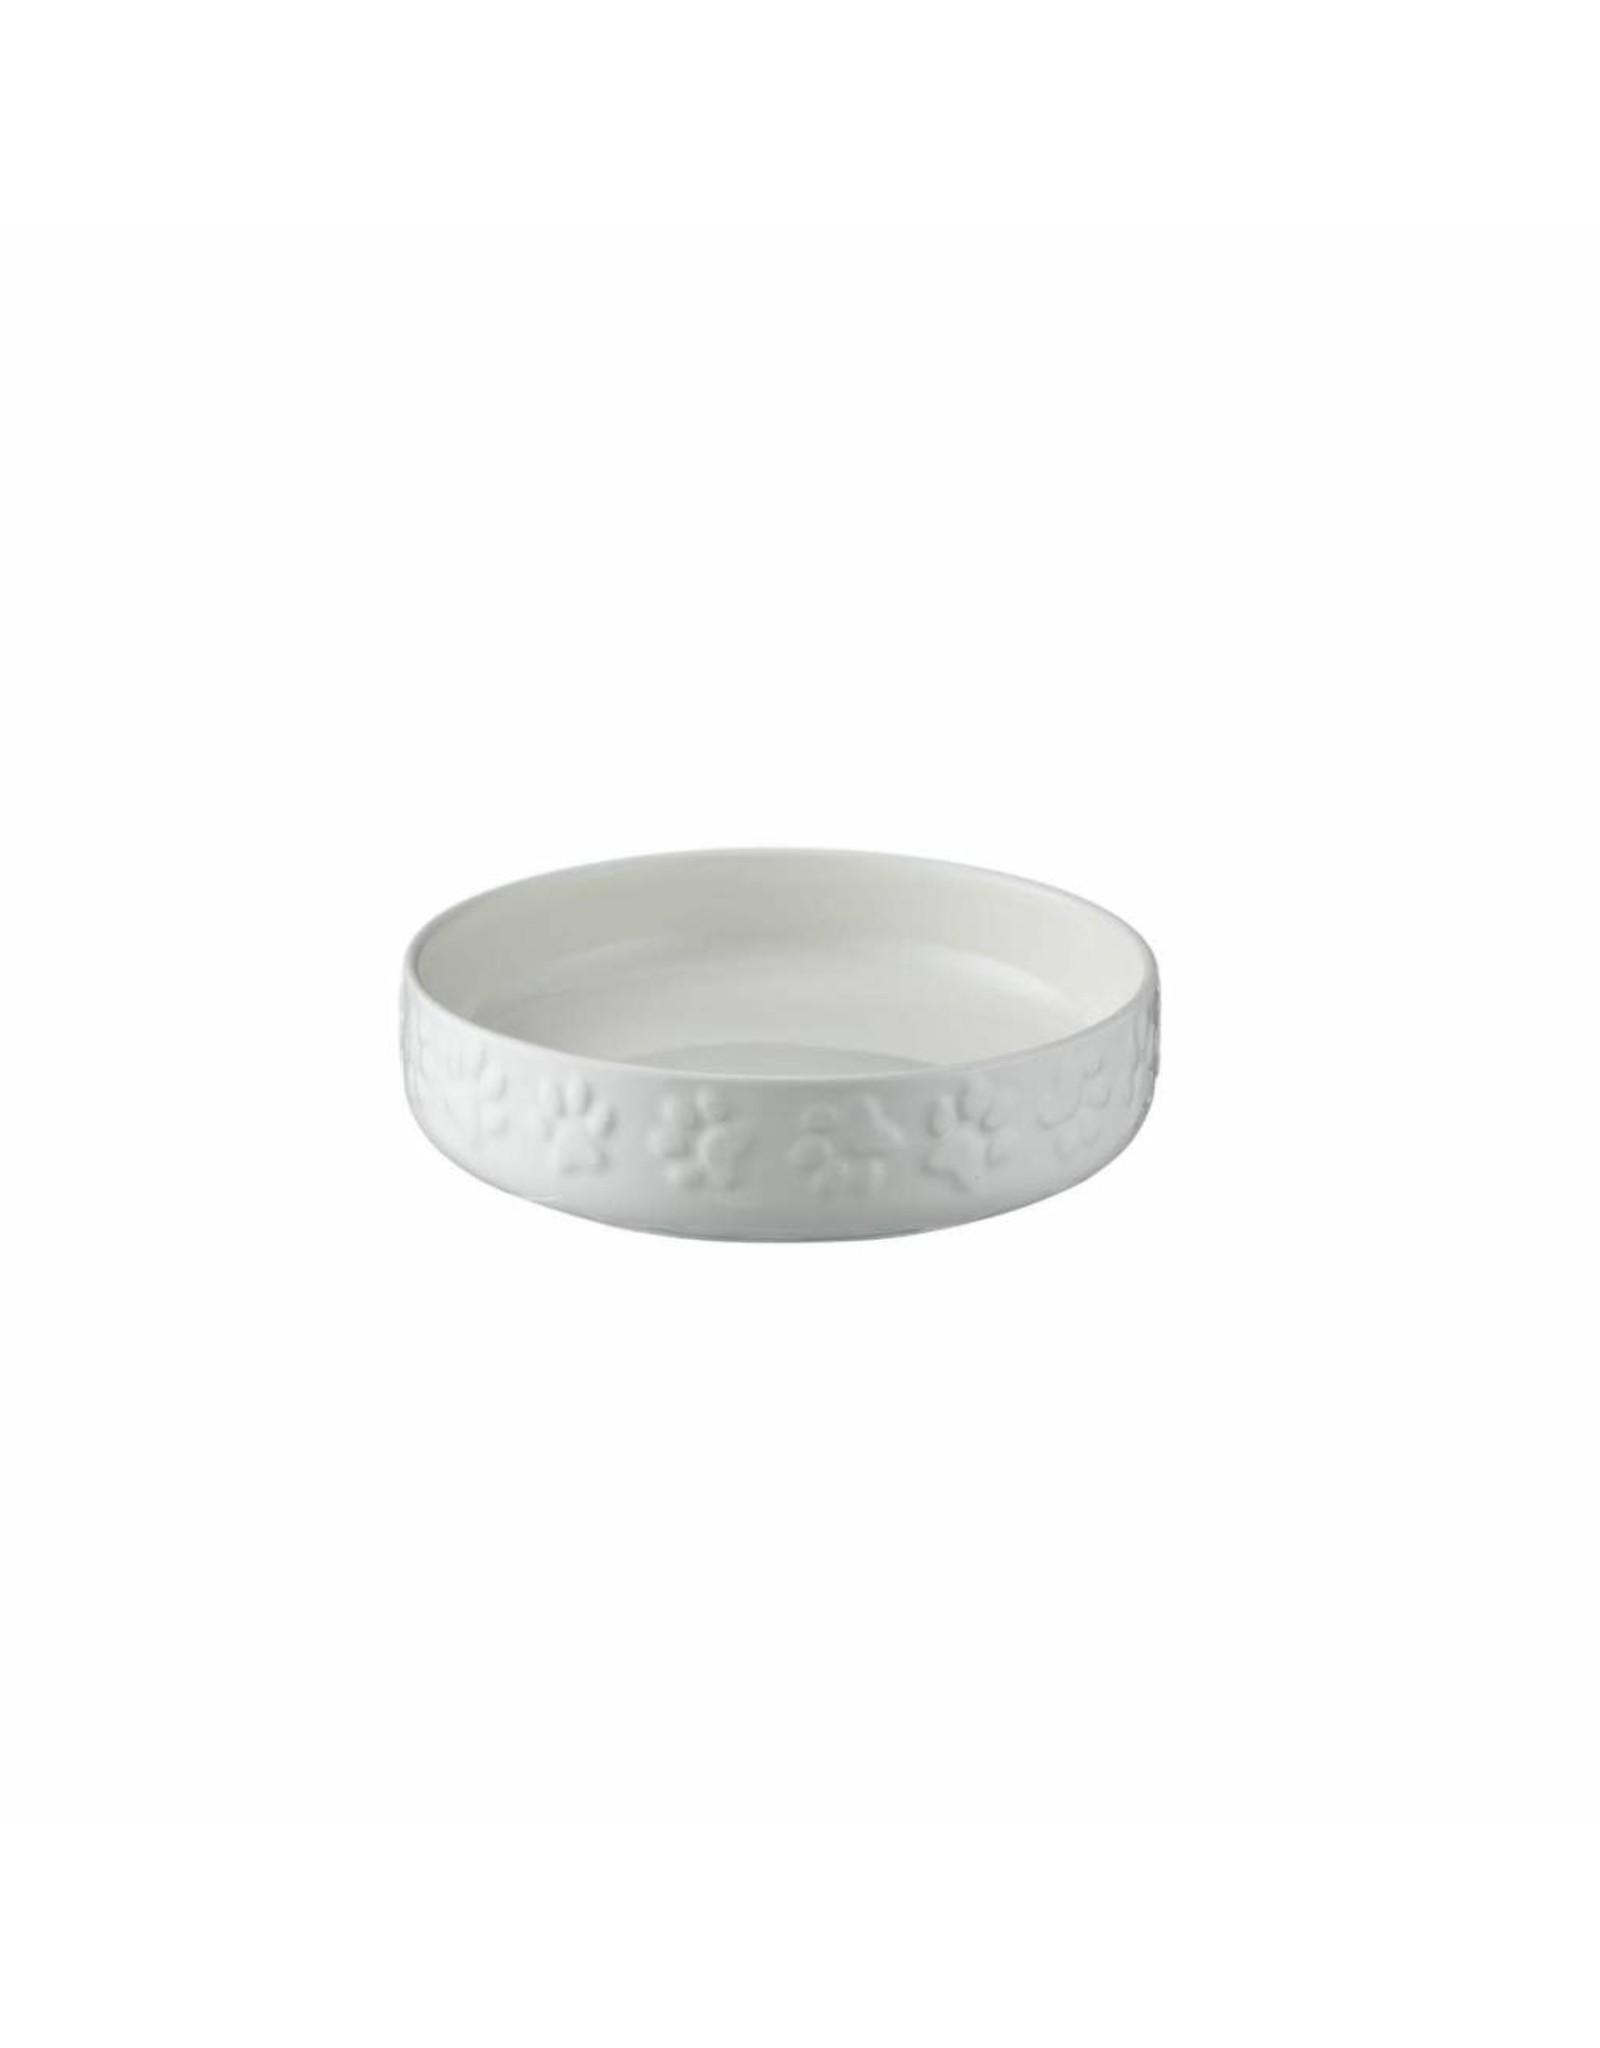 Mason Cash Colour Mix Stoneware Cat Saucer, 13cm 5inch